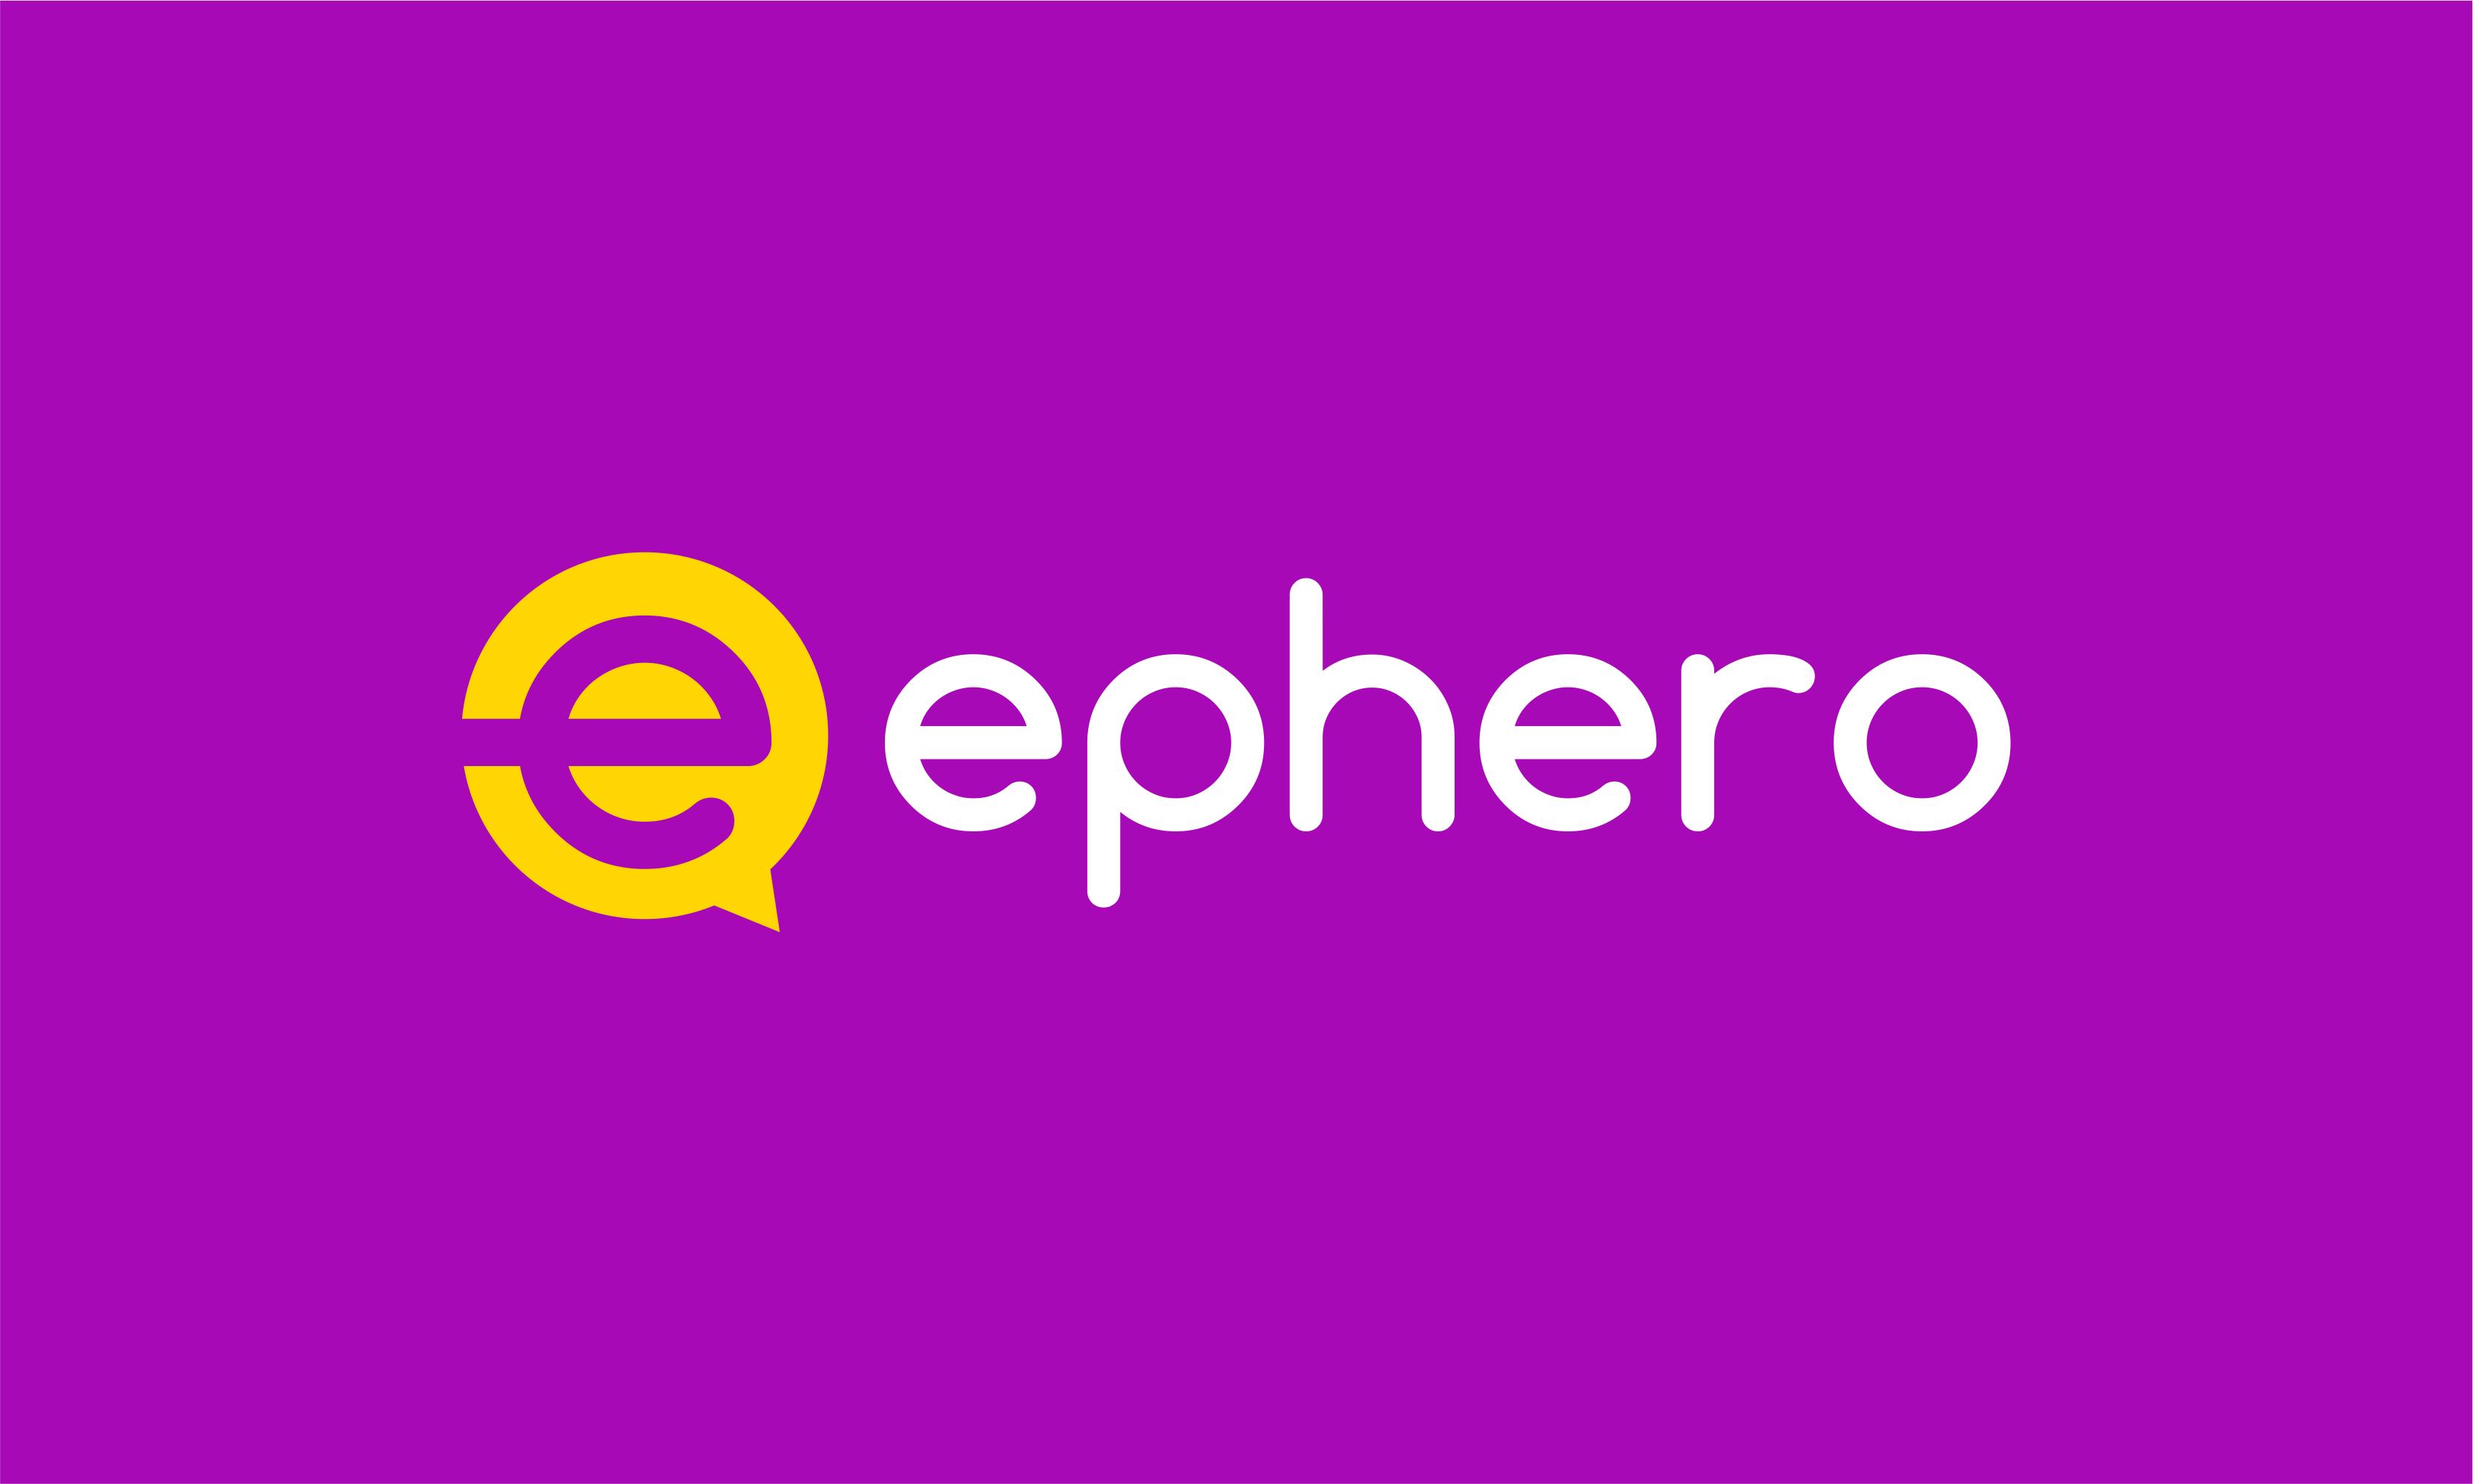 ephero